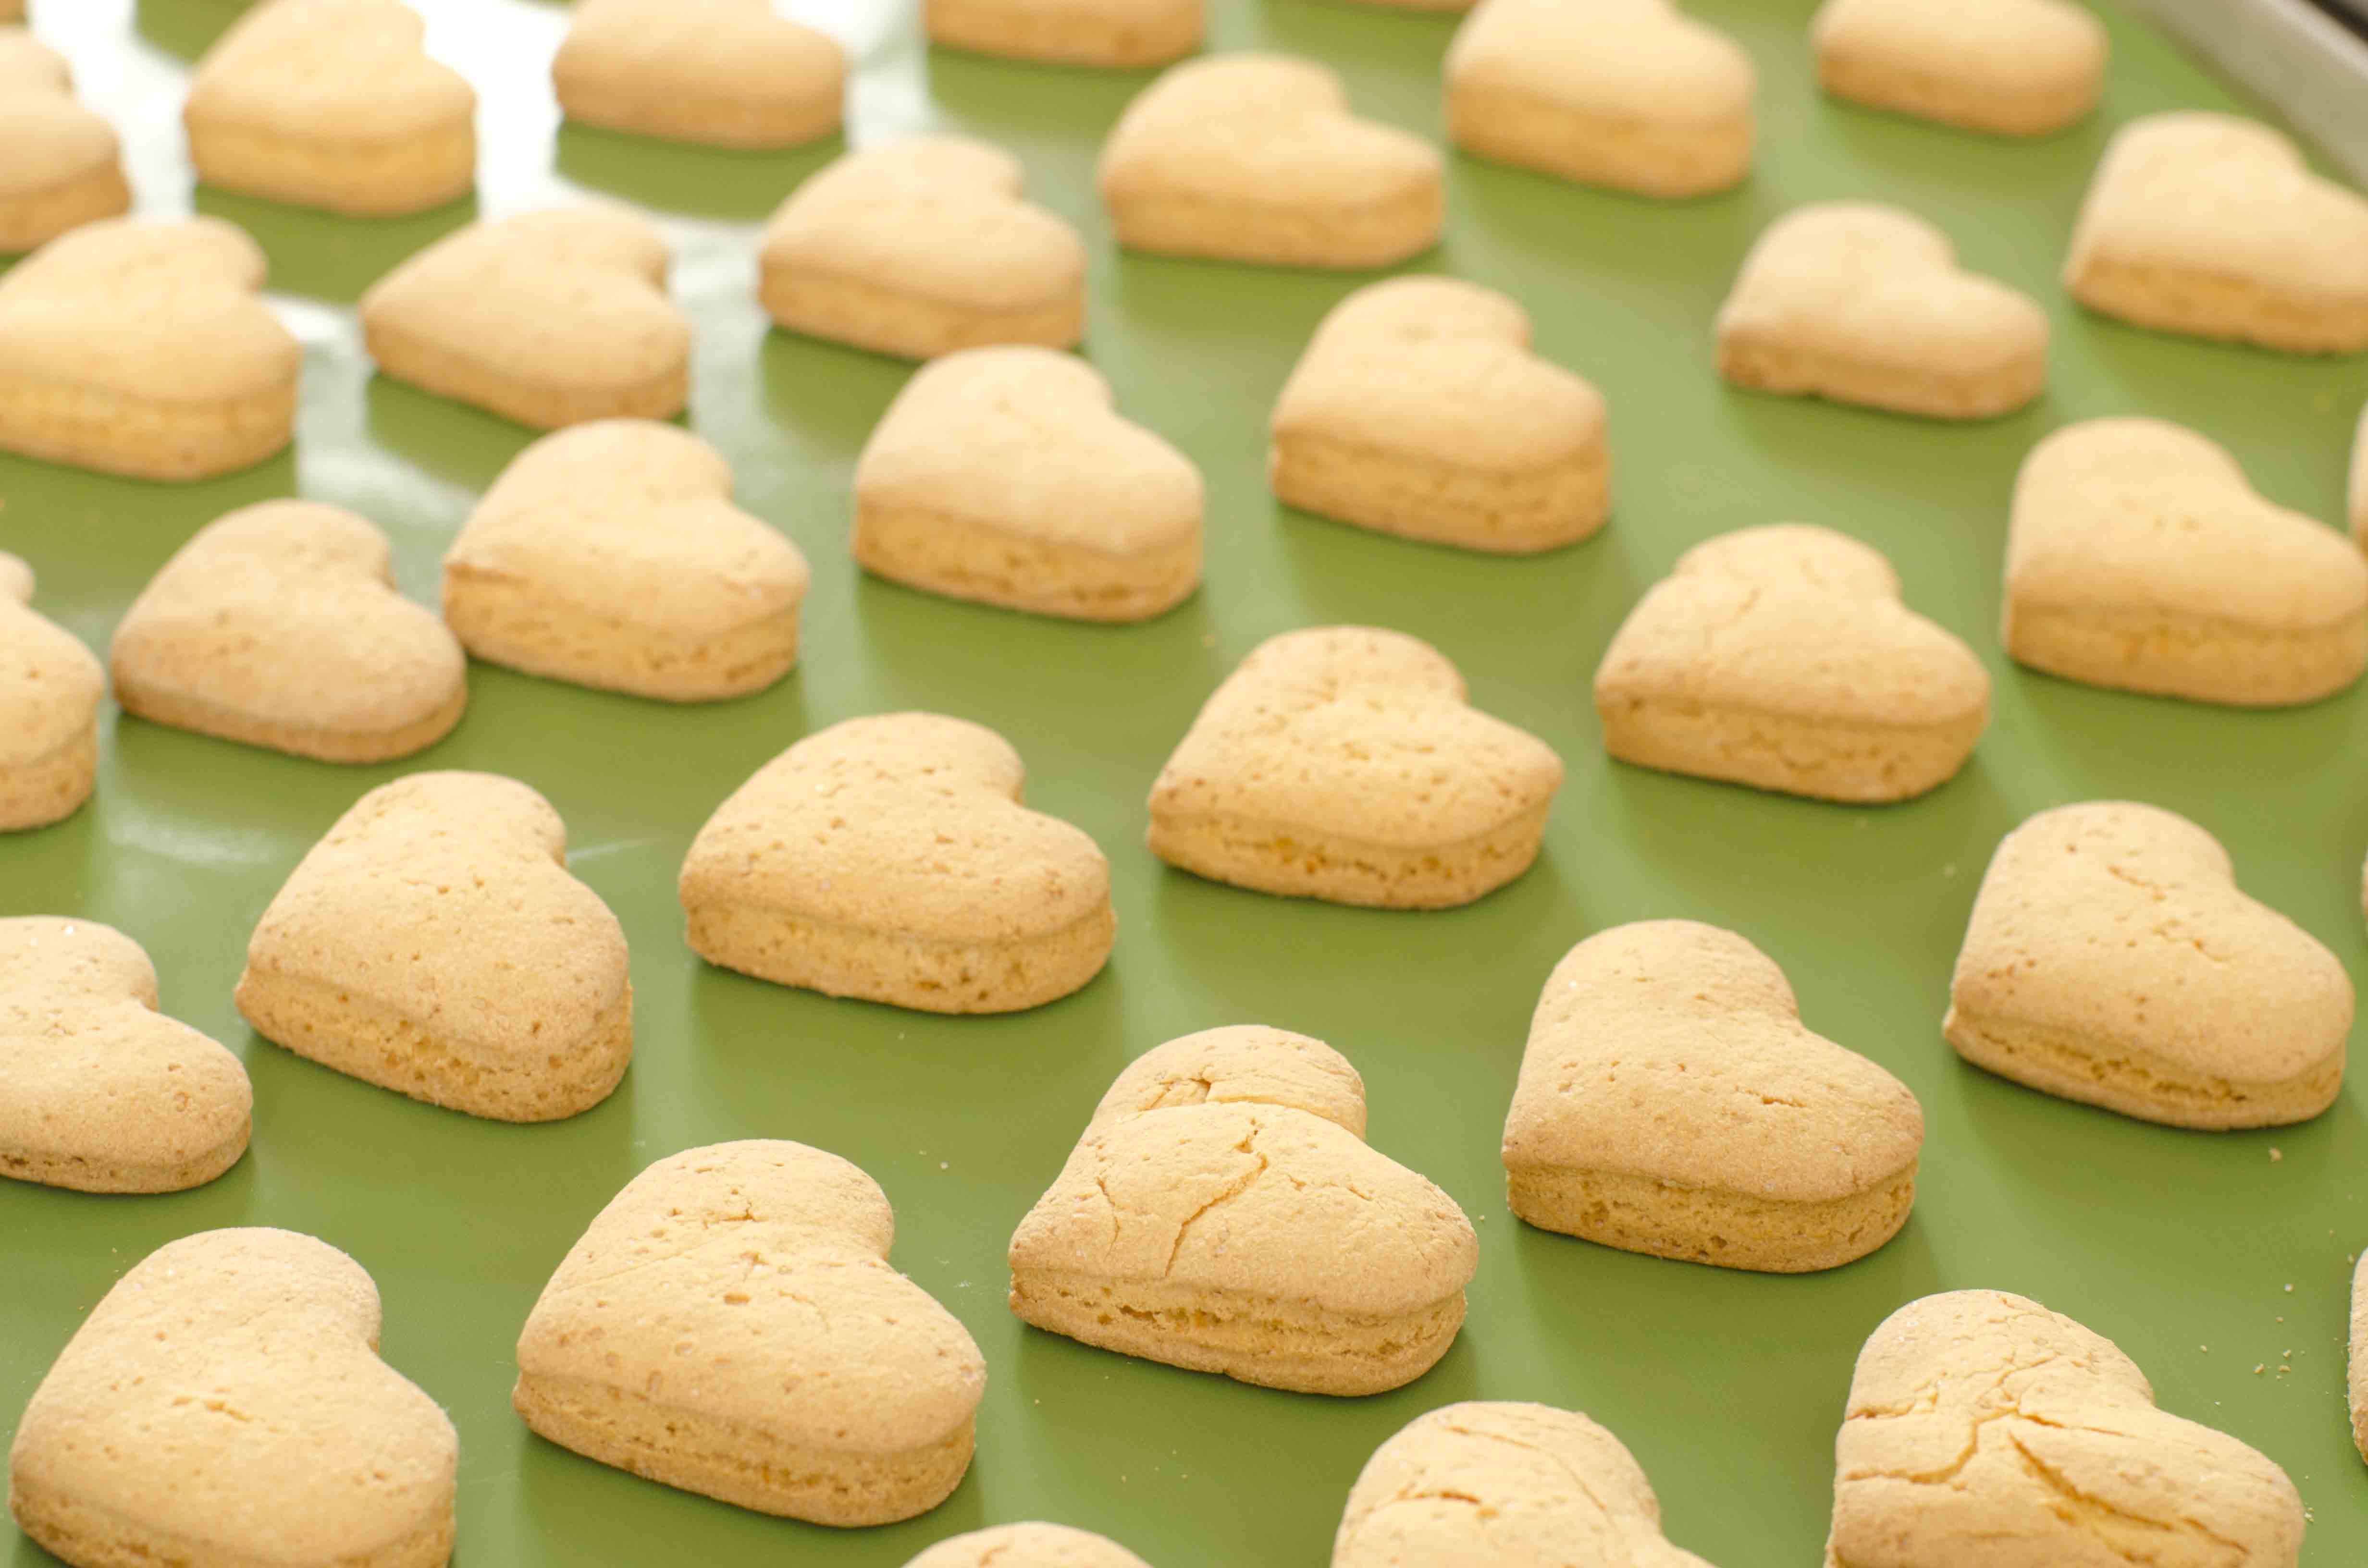 produzione artigianale prodotti da forno senza glutine | fv